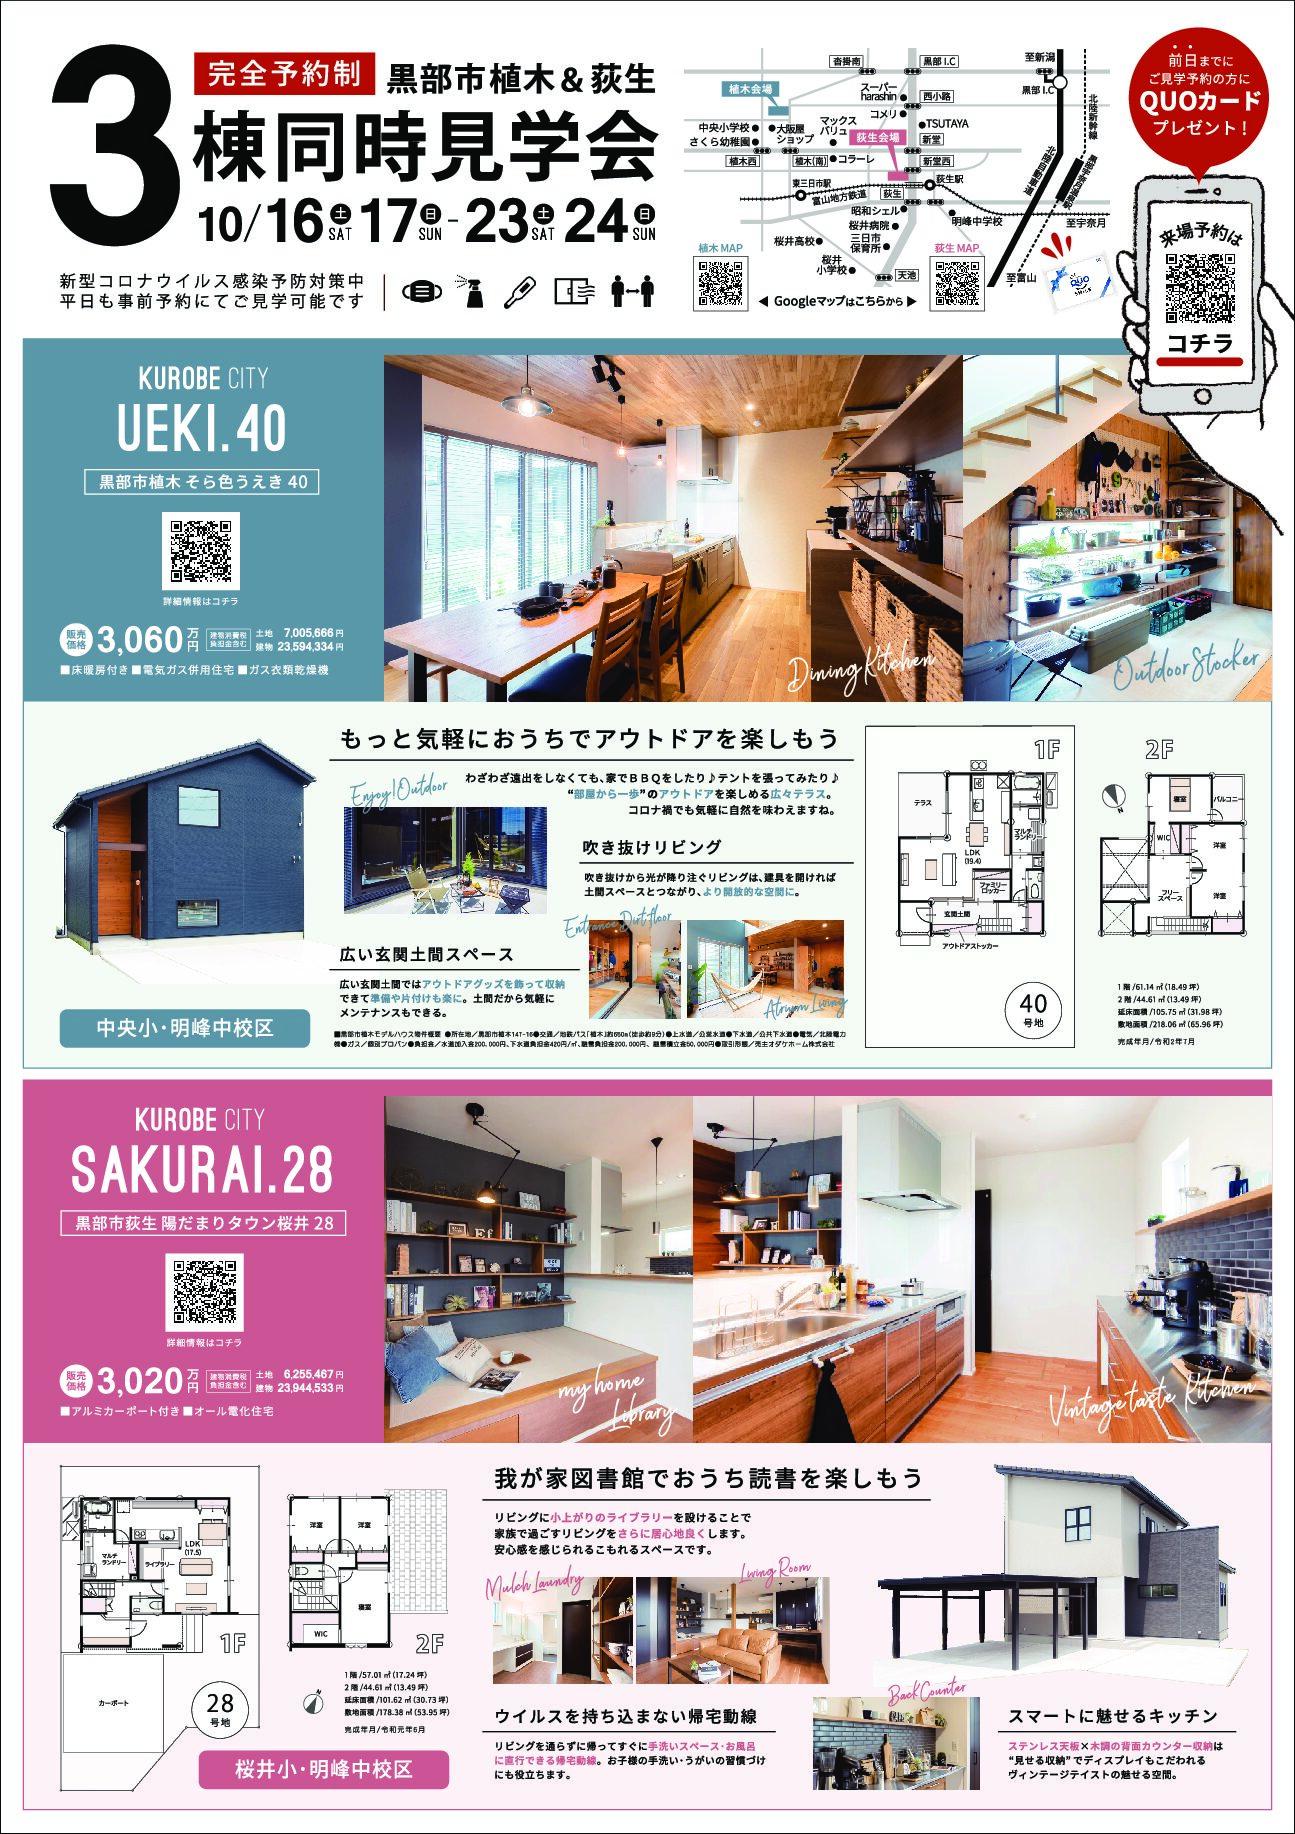 10/16(土)17(日)23(土)24(日)黒部市3棟モデルハウス同時見学会【予約制】